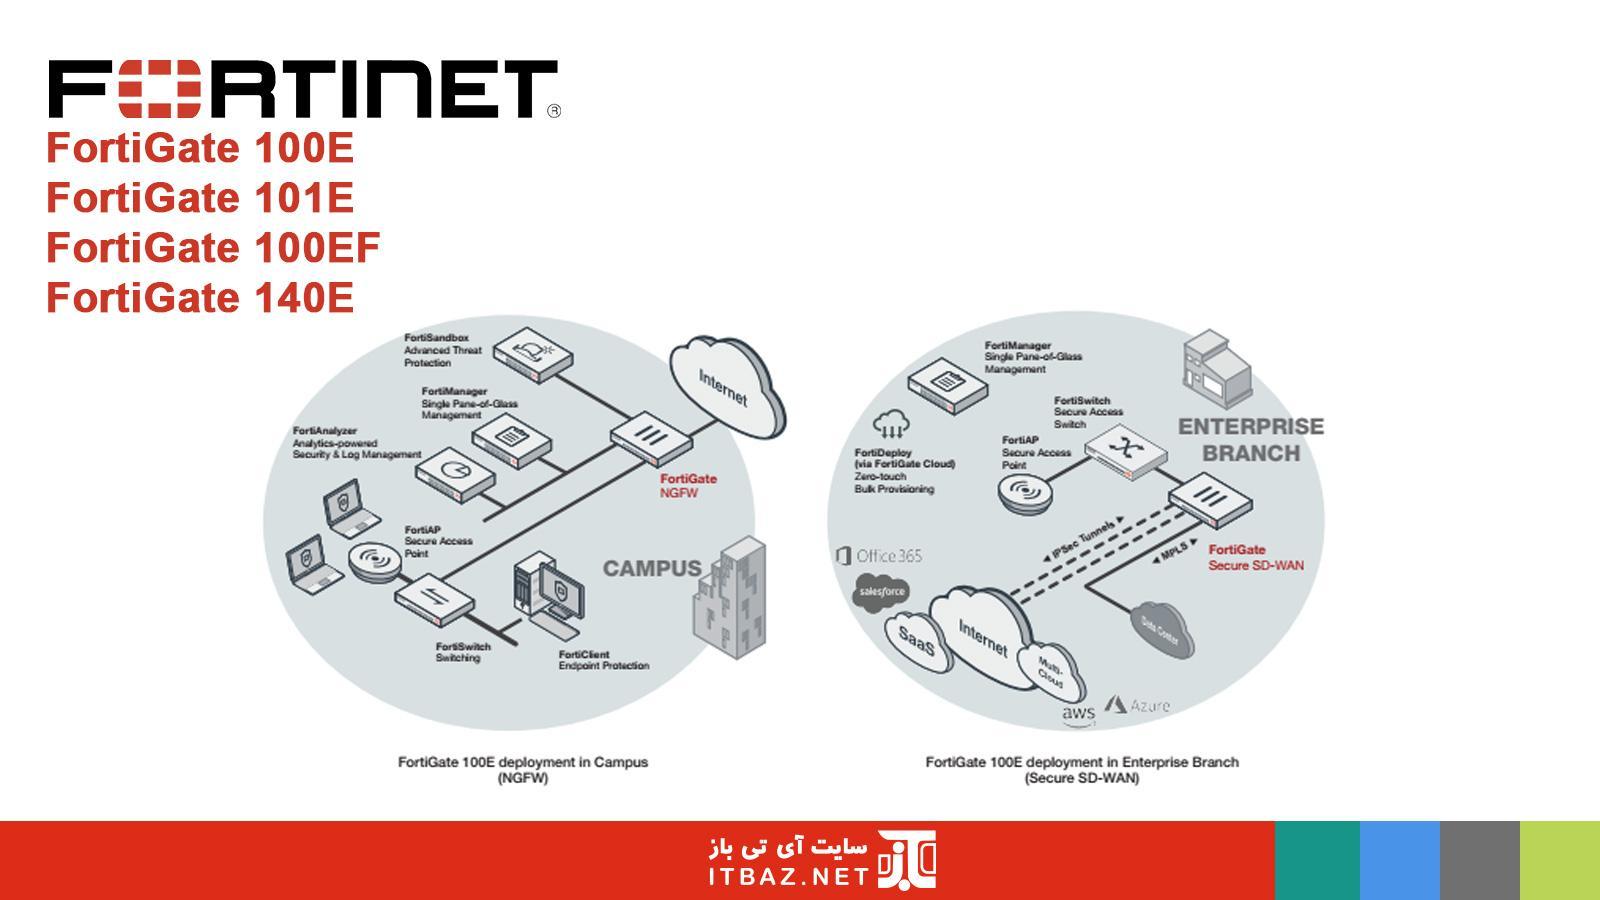 فناوری های SD-WAN و NGFW در فایروال fortigate 100E